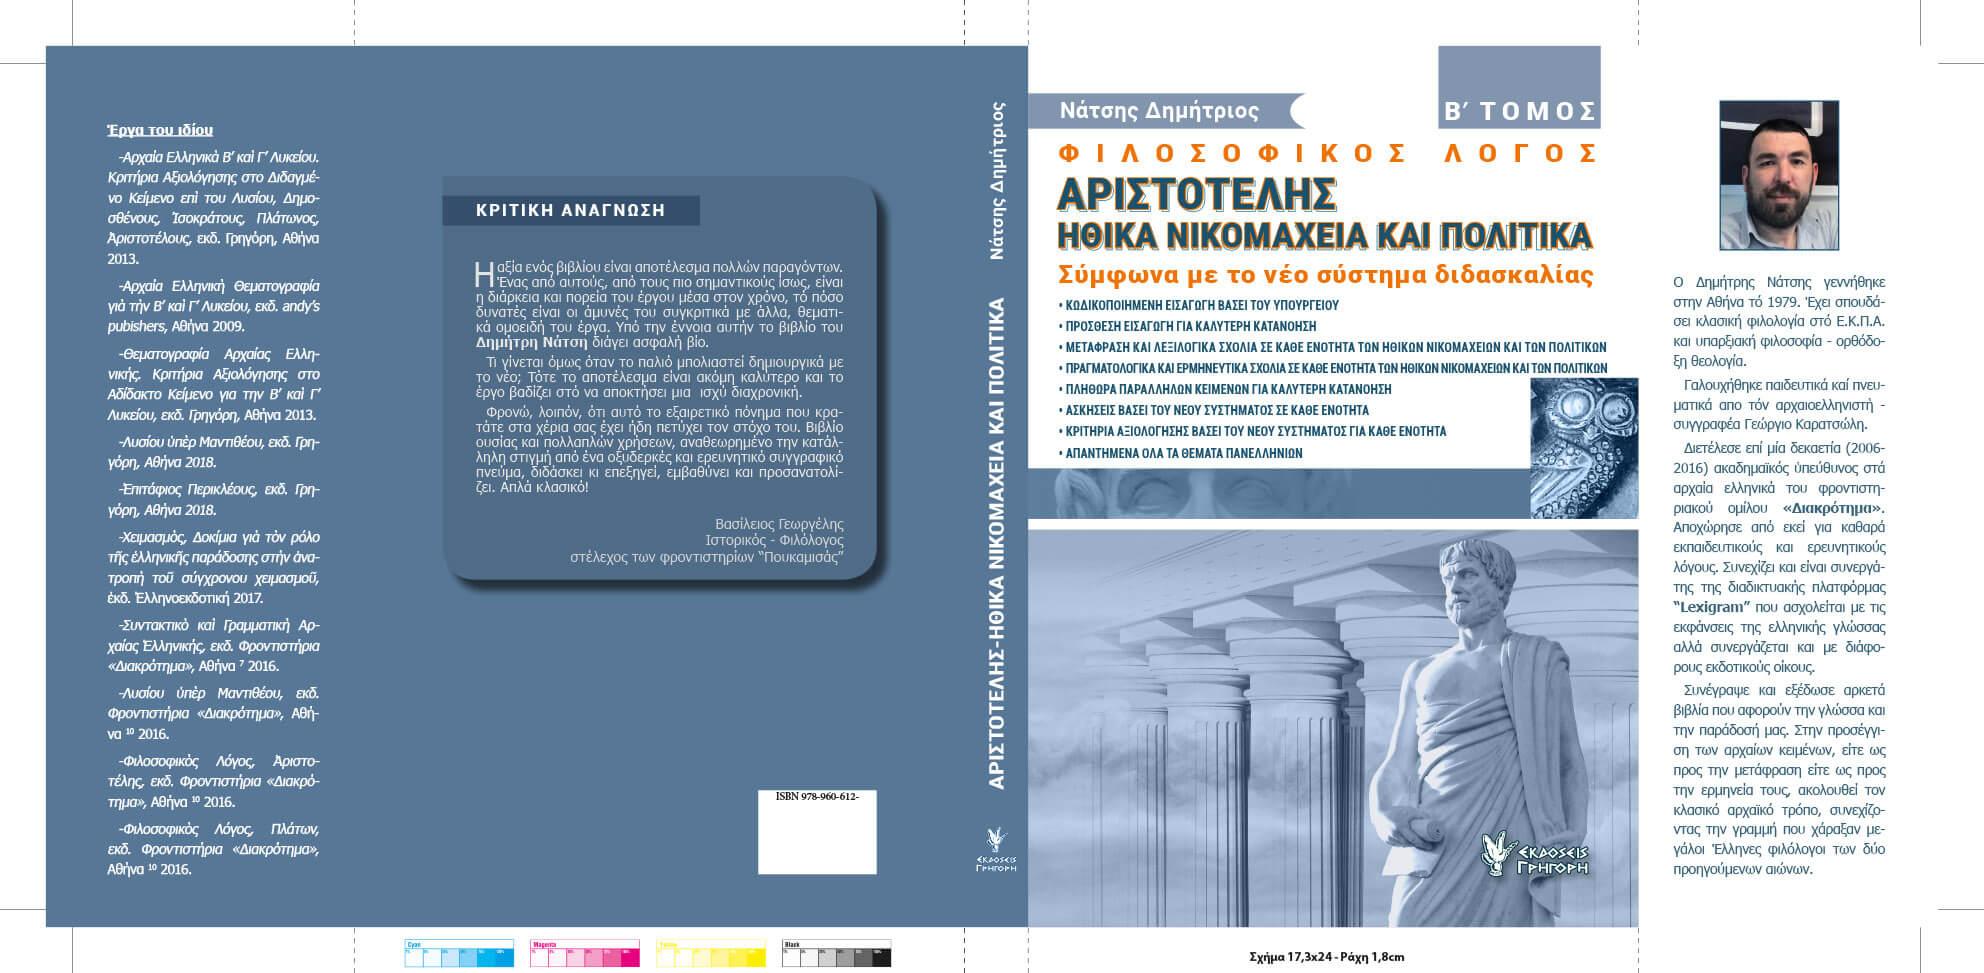 Αριστοτέλης: Ηθικά Νικομάχεια & Πολιτικά (Εκδόσεις Γρηγόρης)